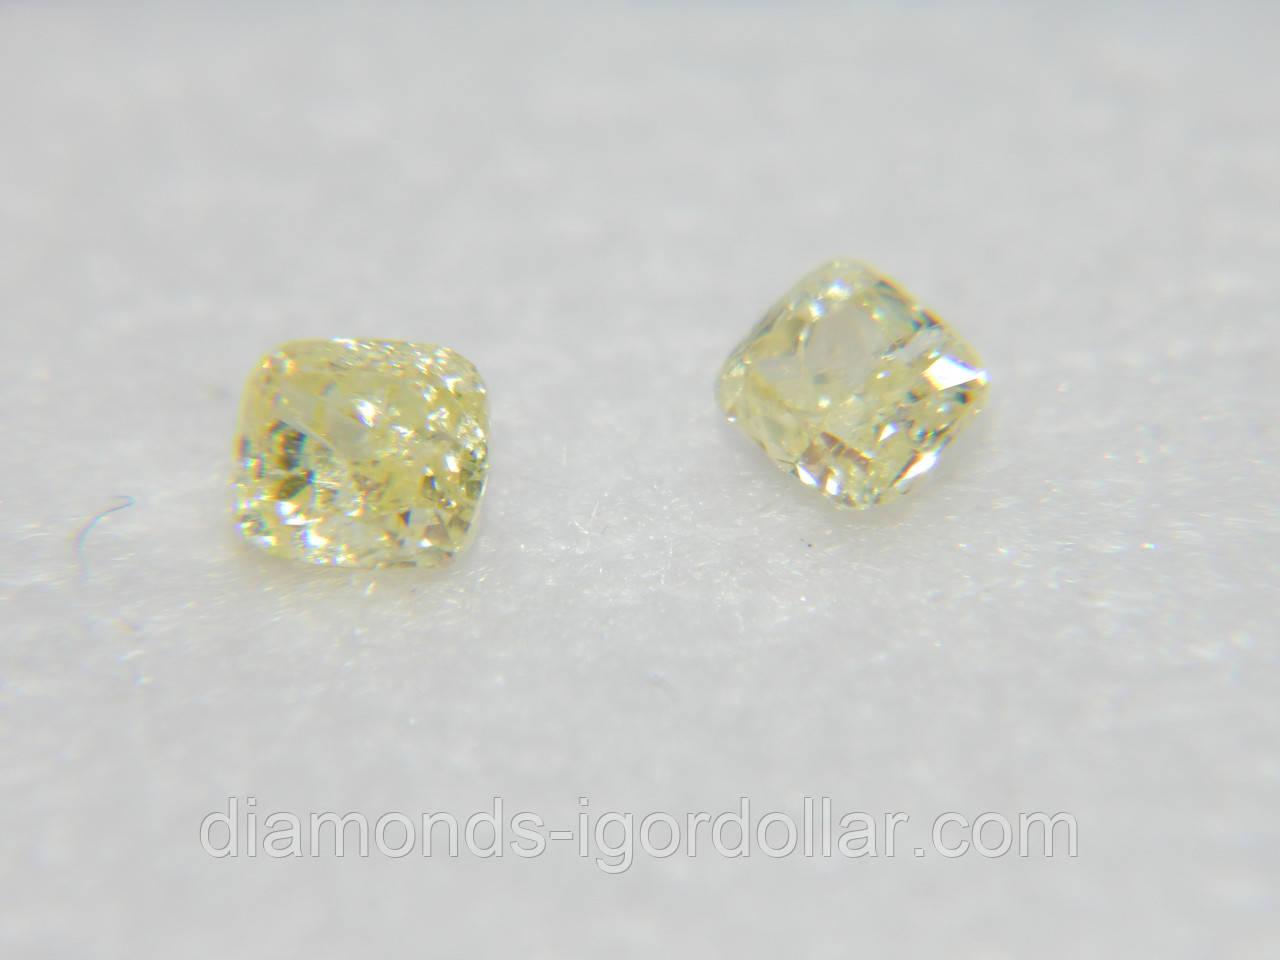 Бриллиант натуральный природный в Украине  0.21 карат Кушон/квадрат VS/лимонный на ВИДЕО